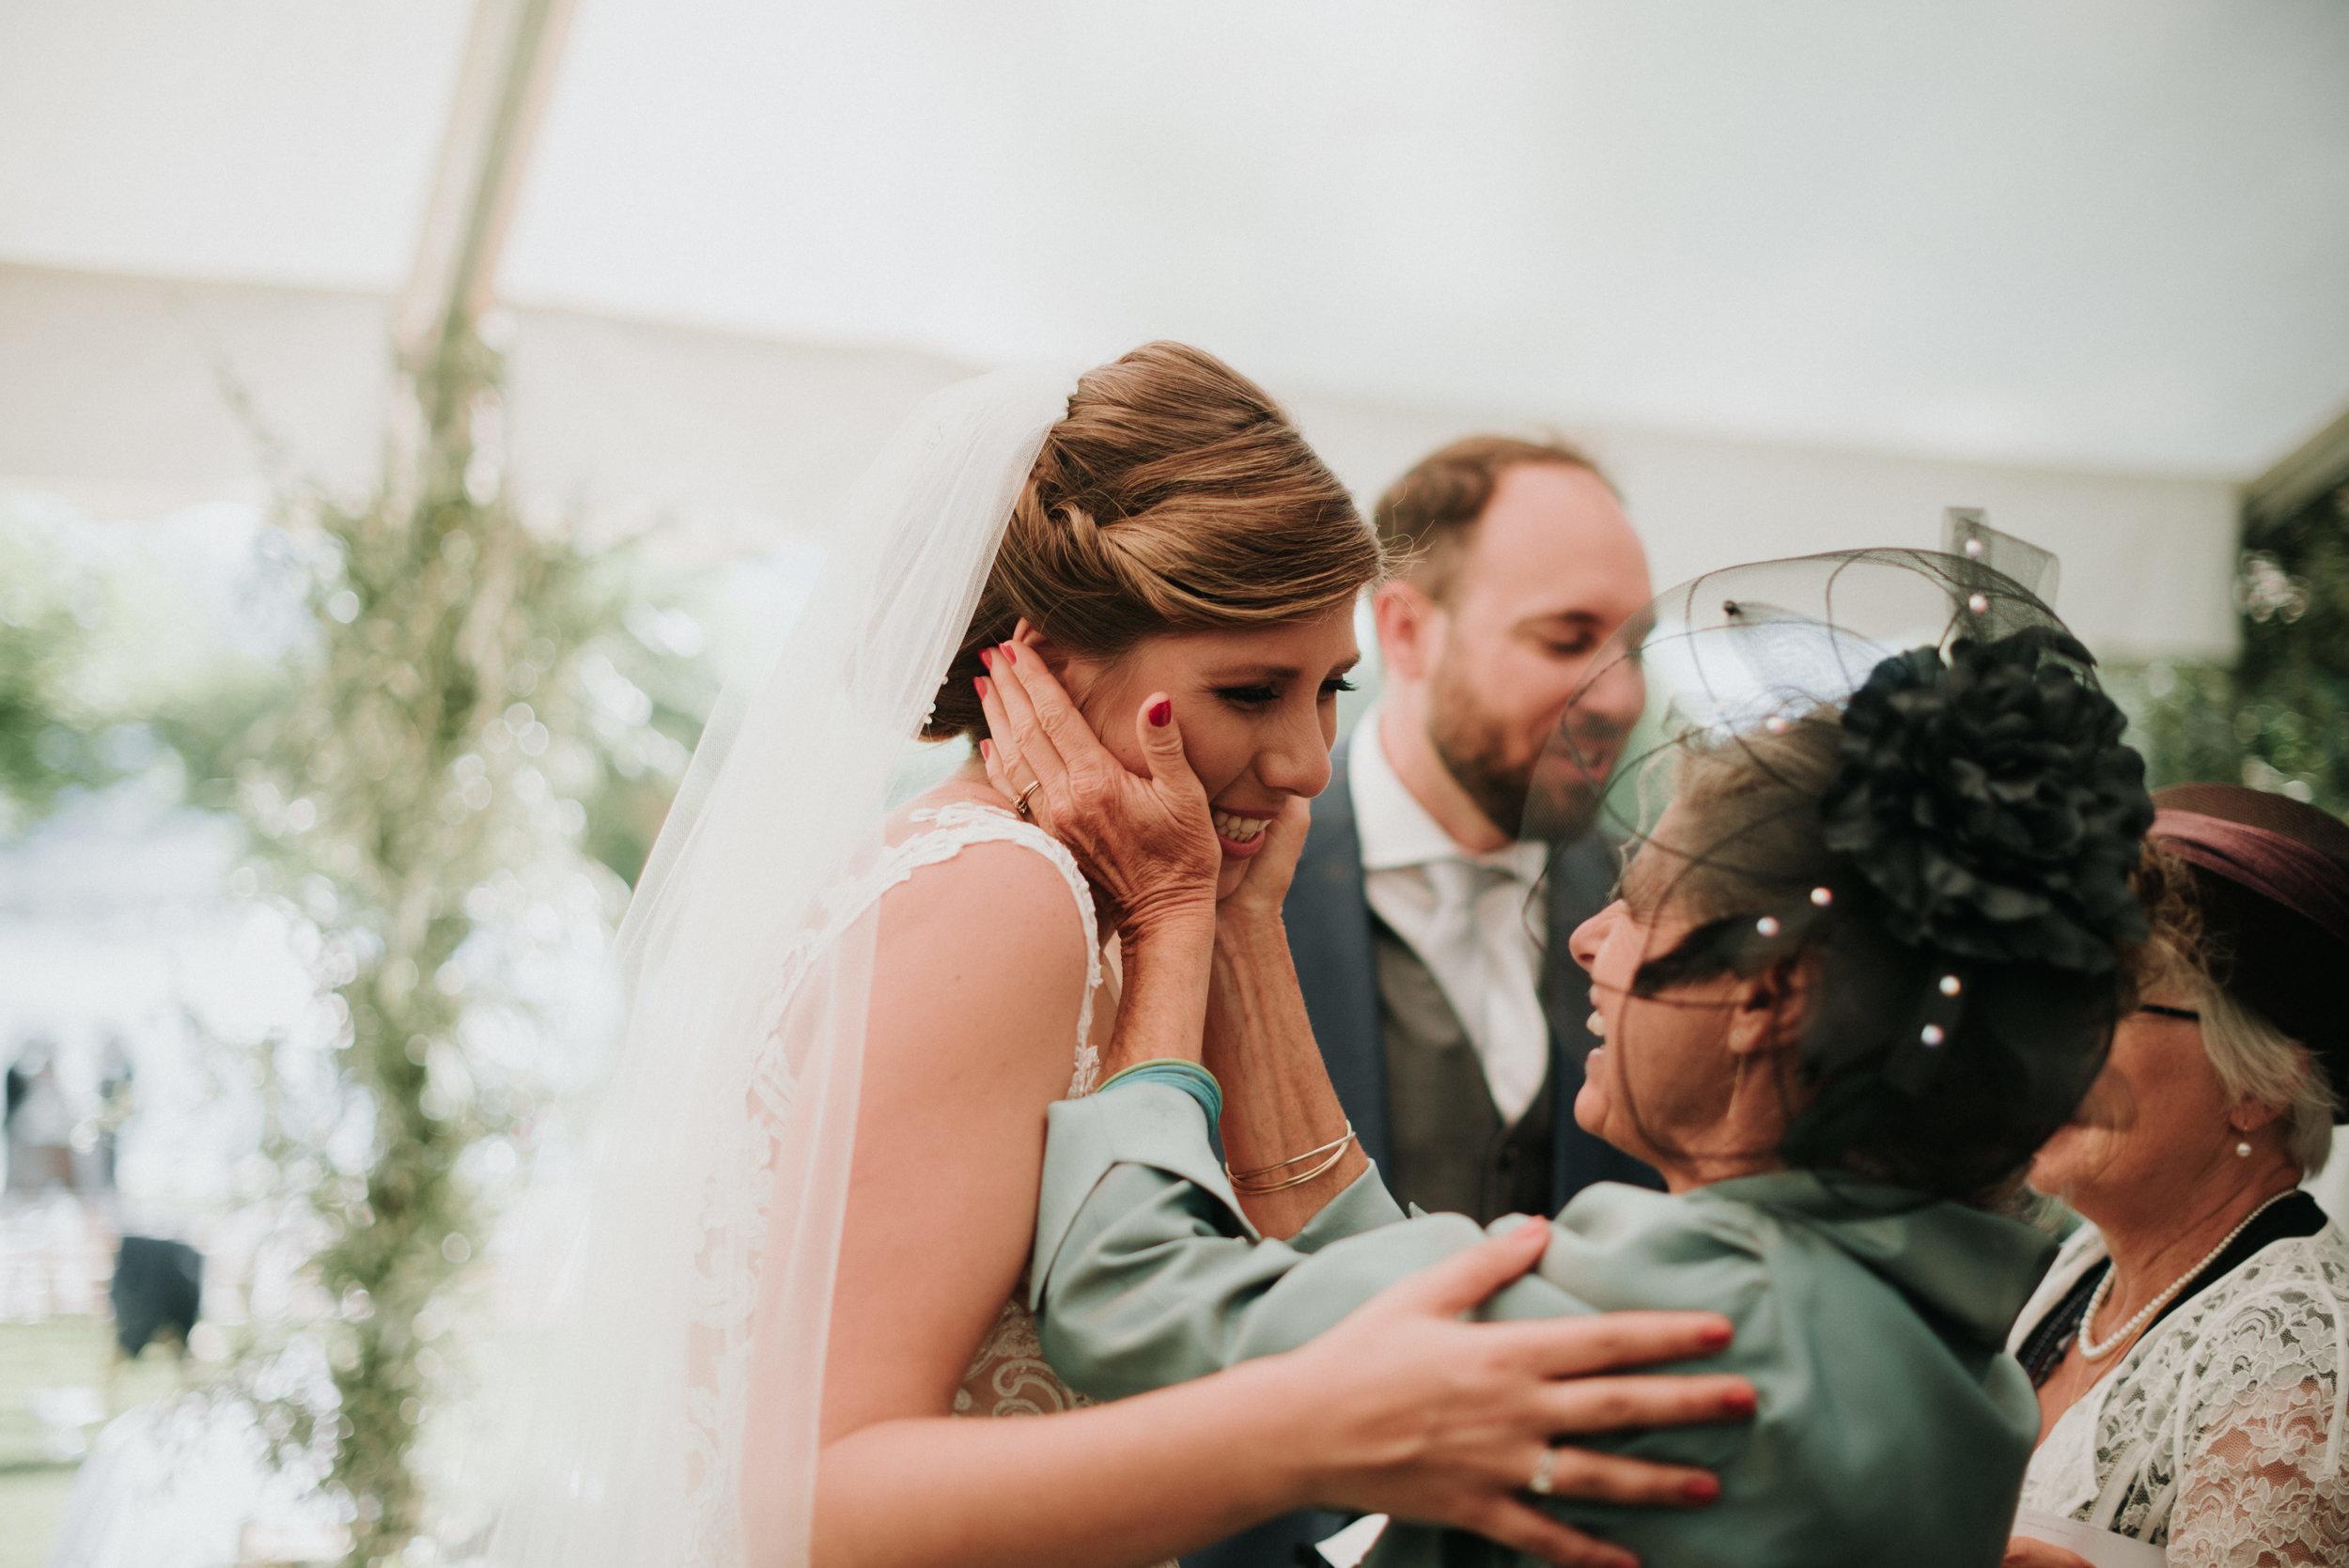 Léa-Fery-photographe-professionnel-lyon-rhone-alpes-portrait-creation-mariage-evenement-evenementiel-famille-1068.jpg